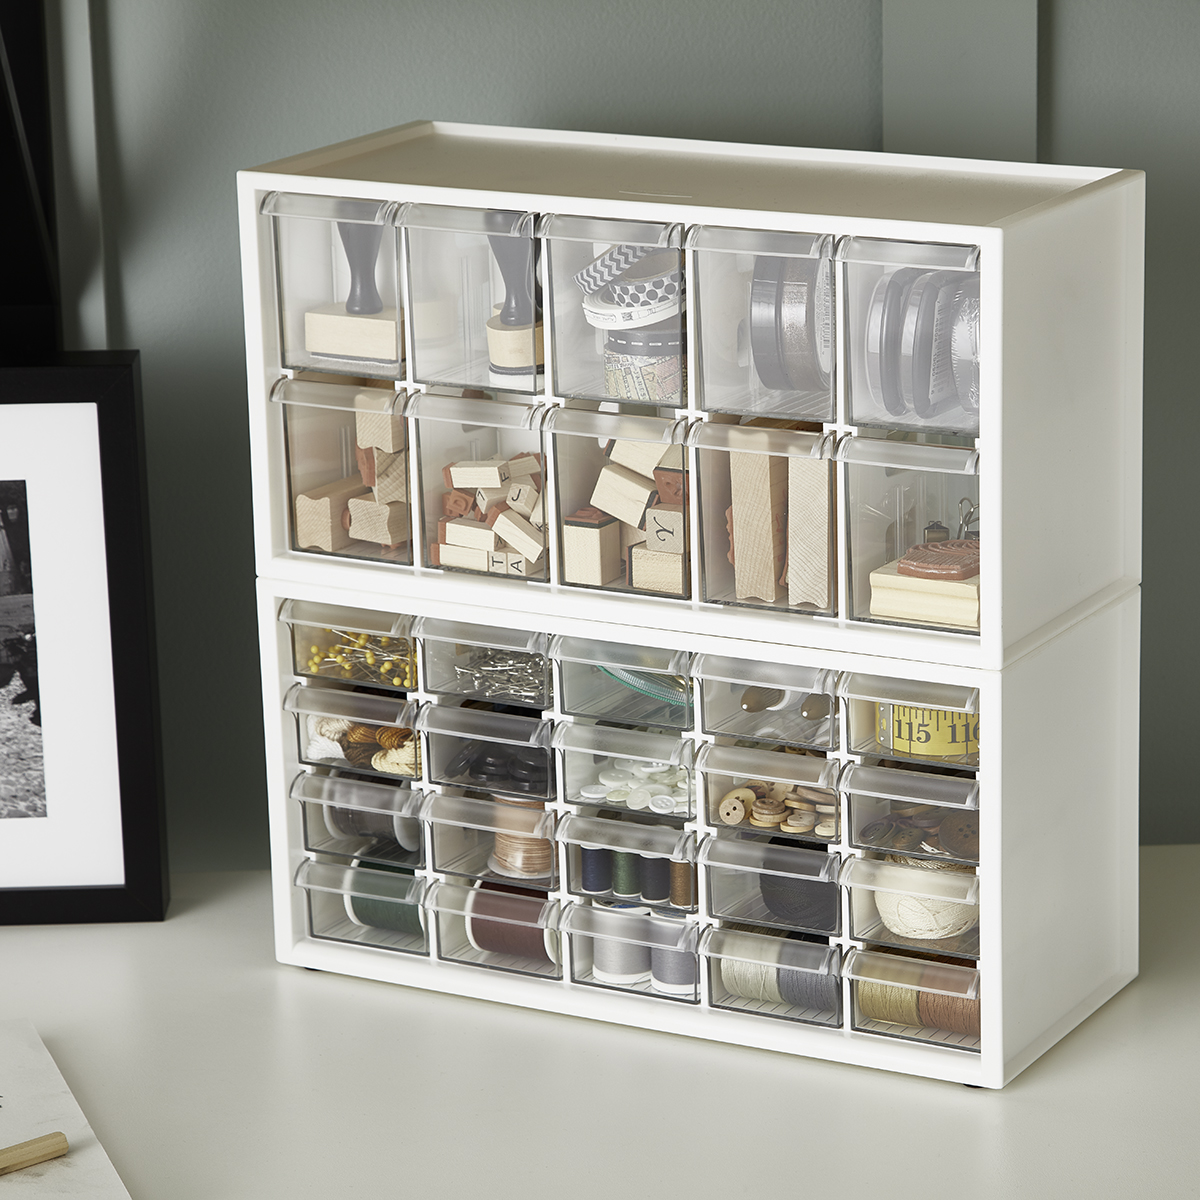 9 Drawer Tool Box Hardware Craft Storage Case Home Clutter Organizer W// Handle